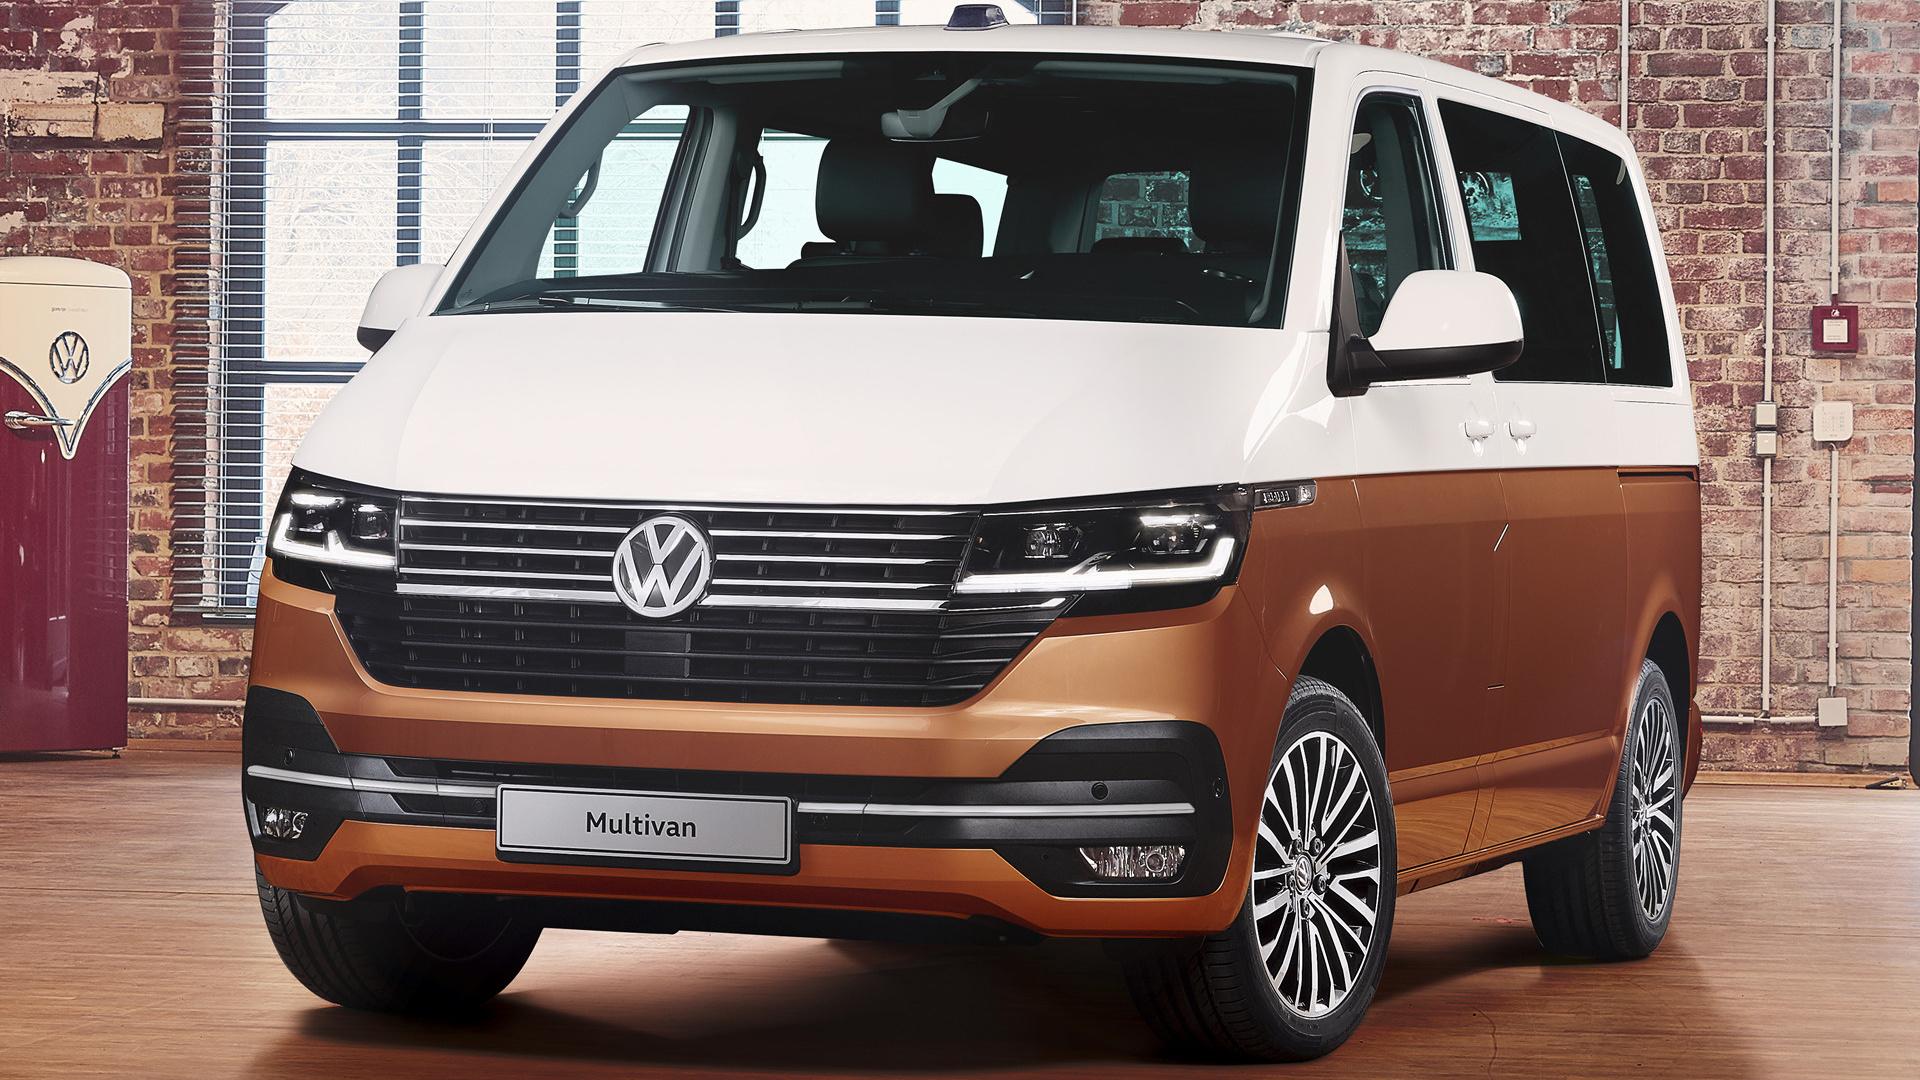 2019 Volkswagen Multivan Bulli - Wallpapers and HD Images ...